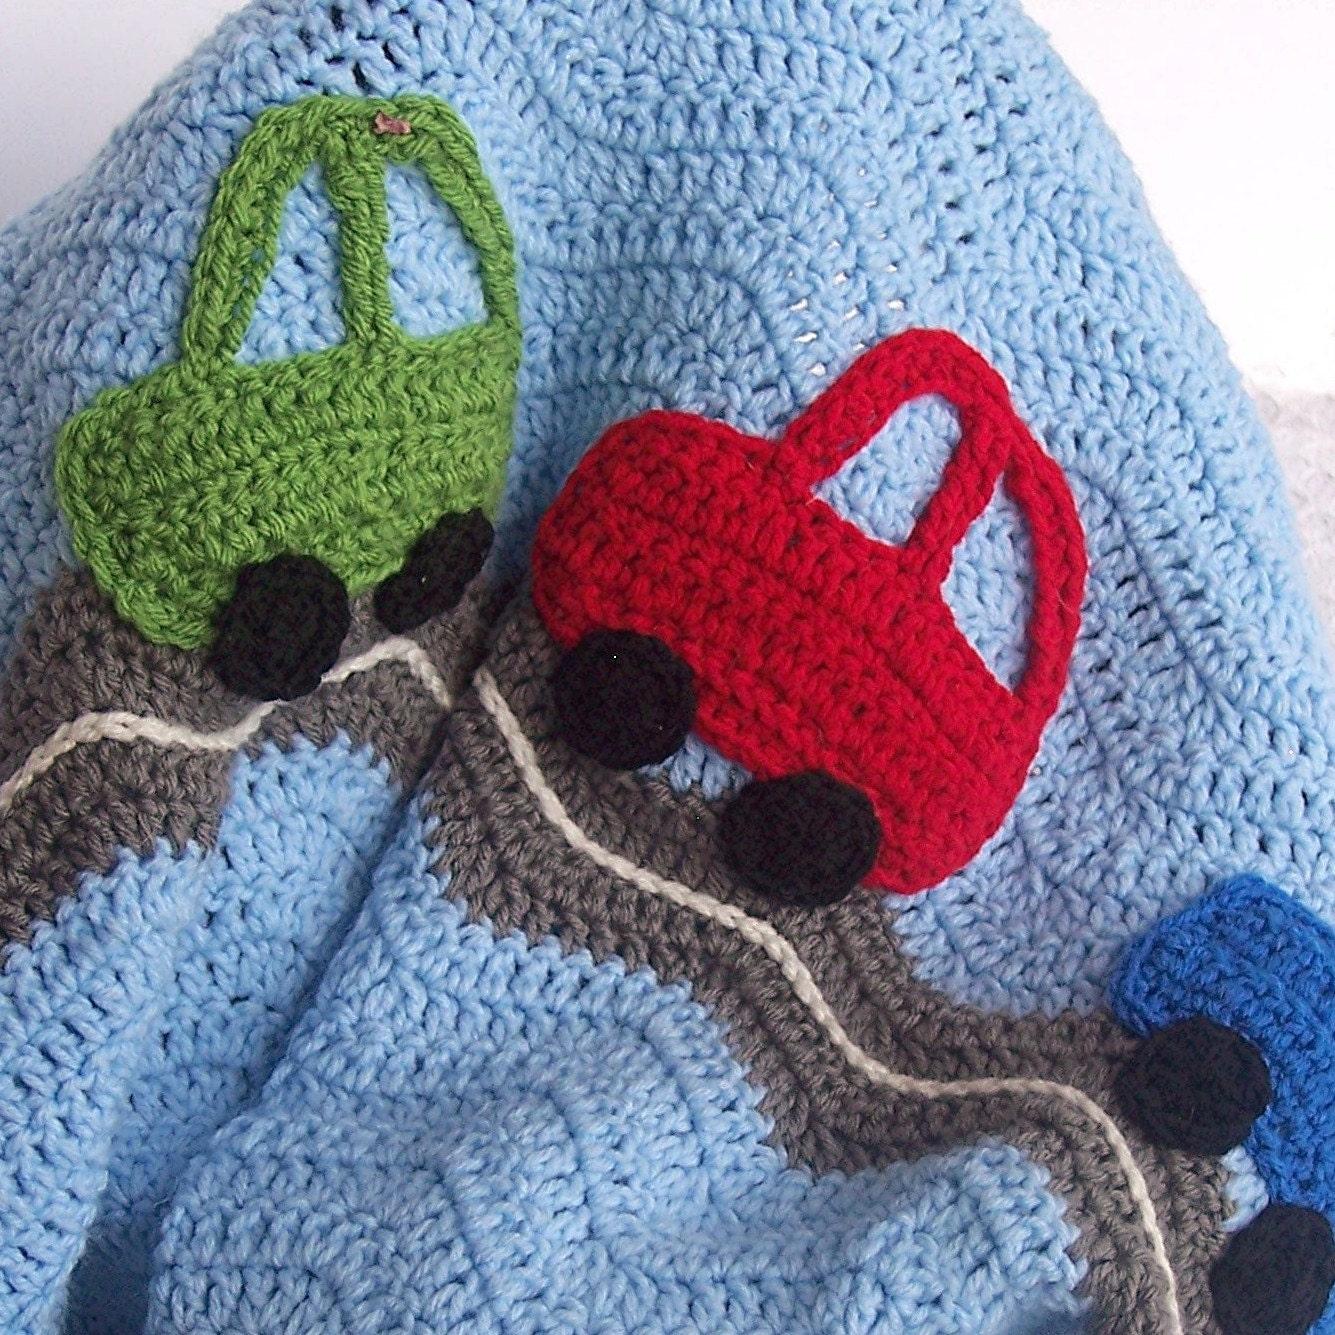 Crochet baby blanket car crochet ripple afghan blue gray ripple